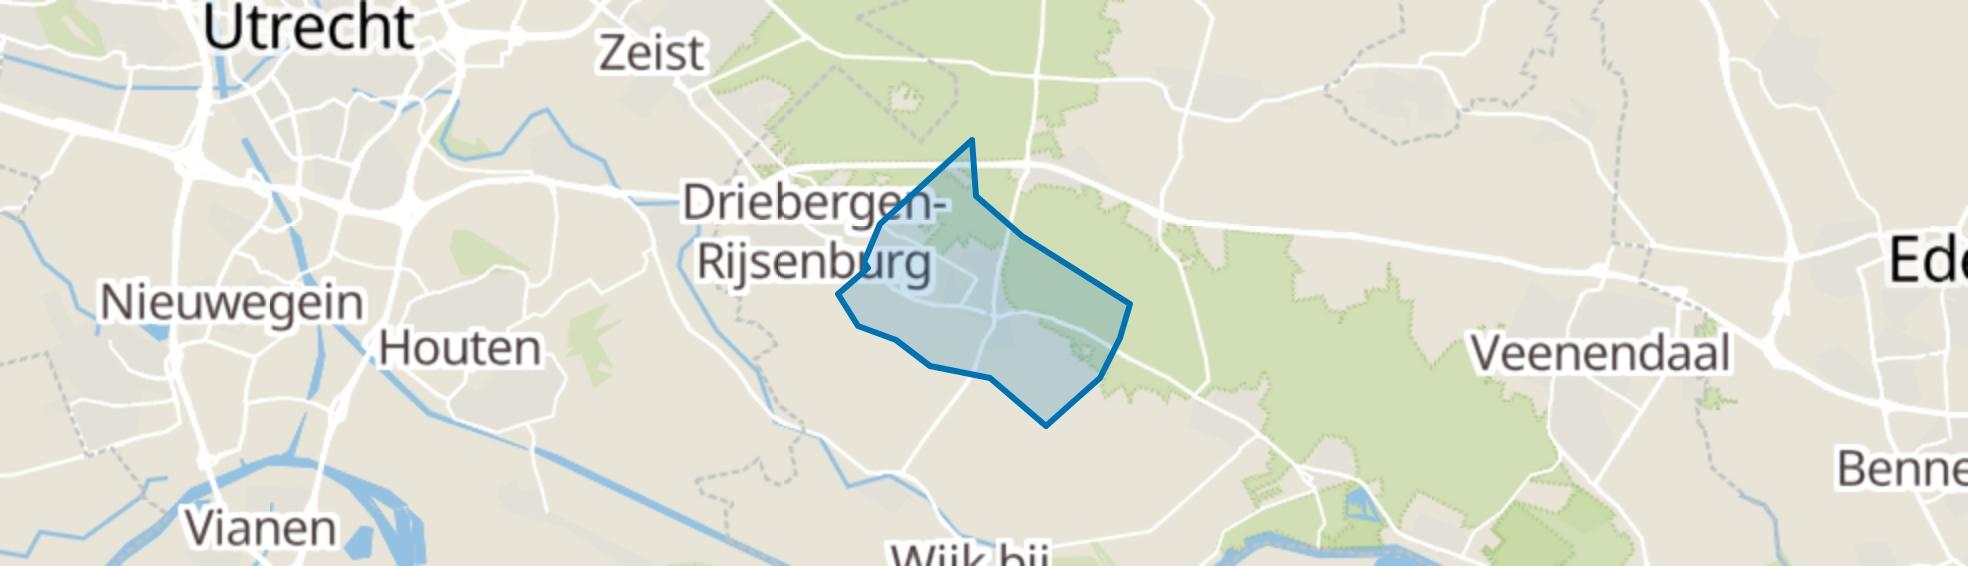 Doorn map